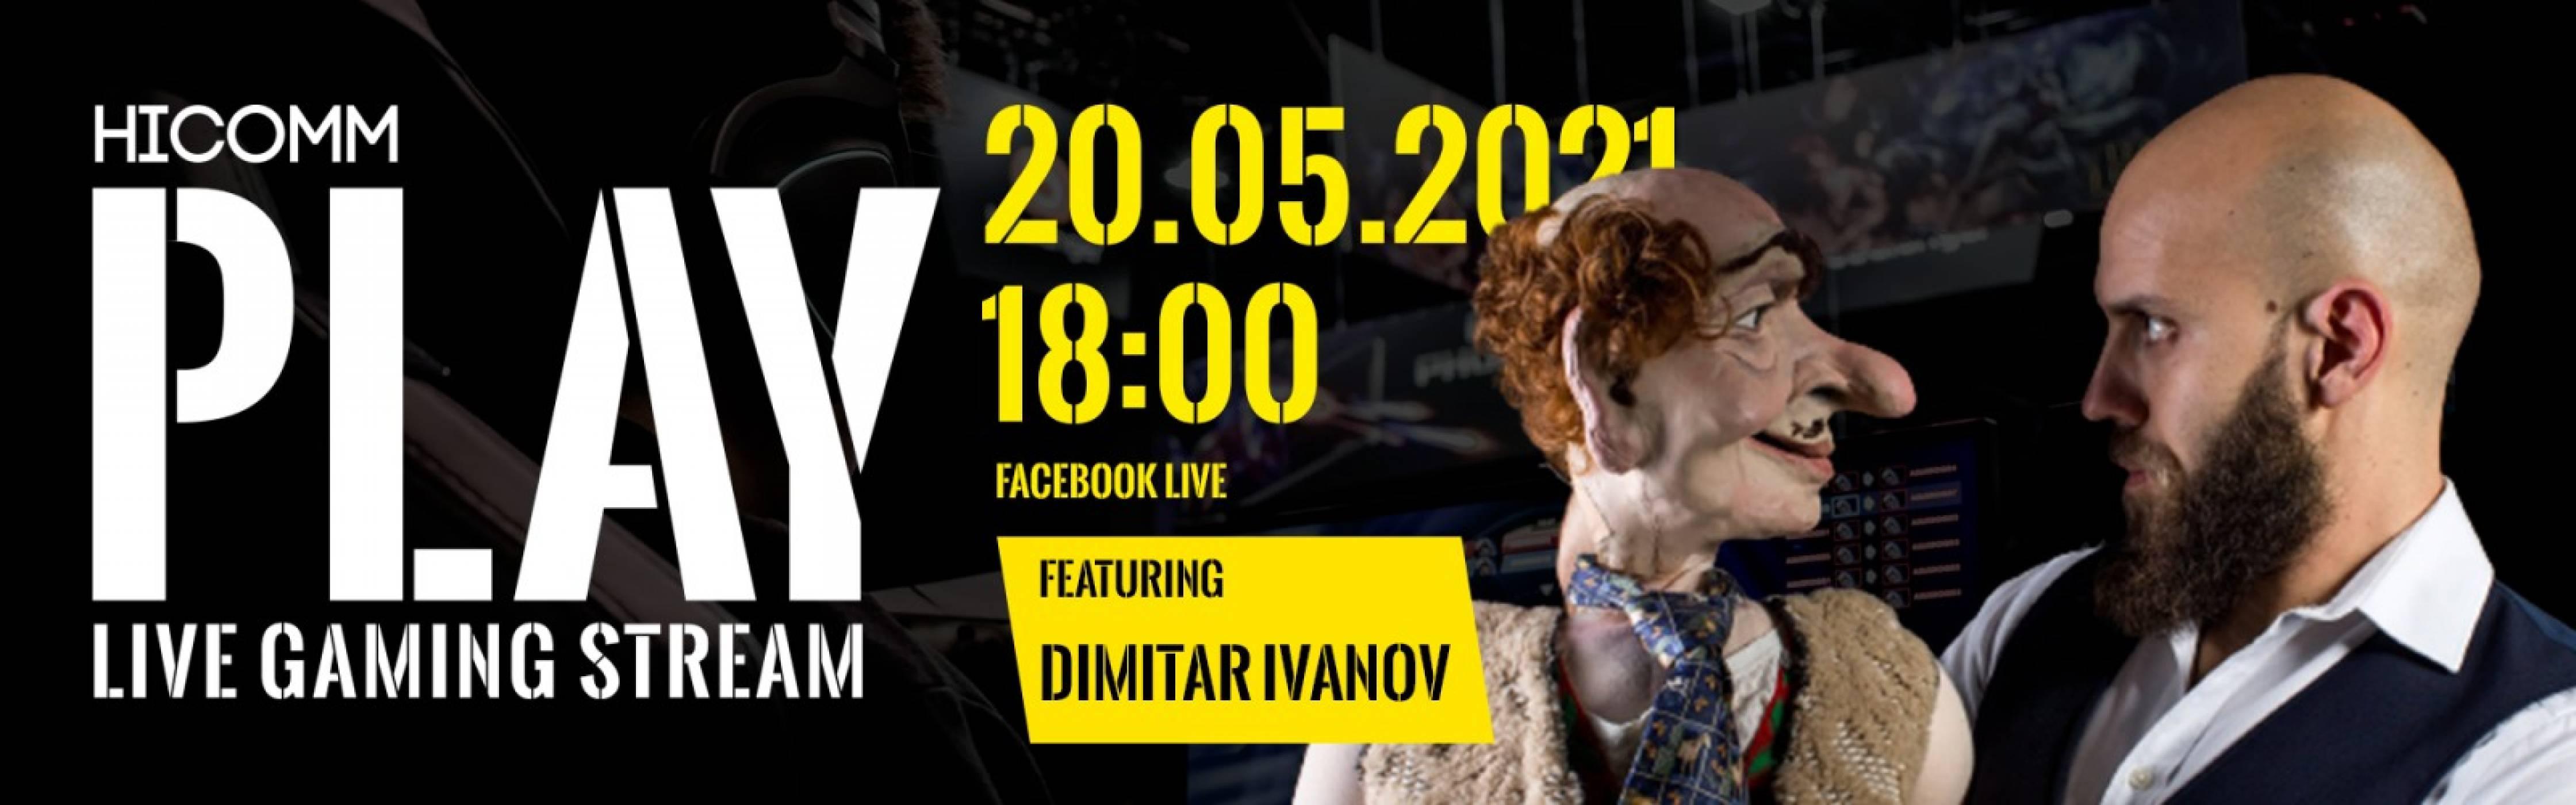 Първият български вентролог Димитър Иванов – Капитана гостува на HiComm Play този четвъртък